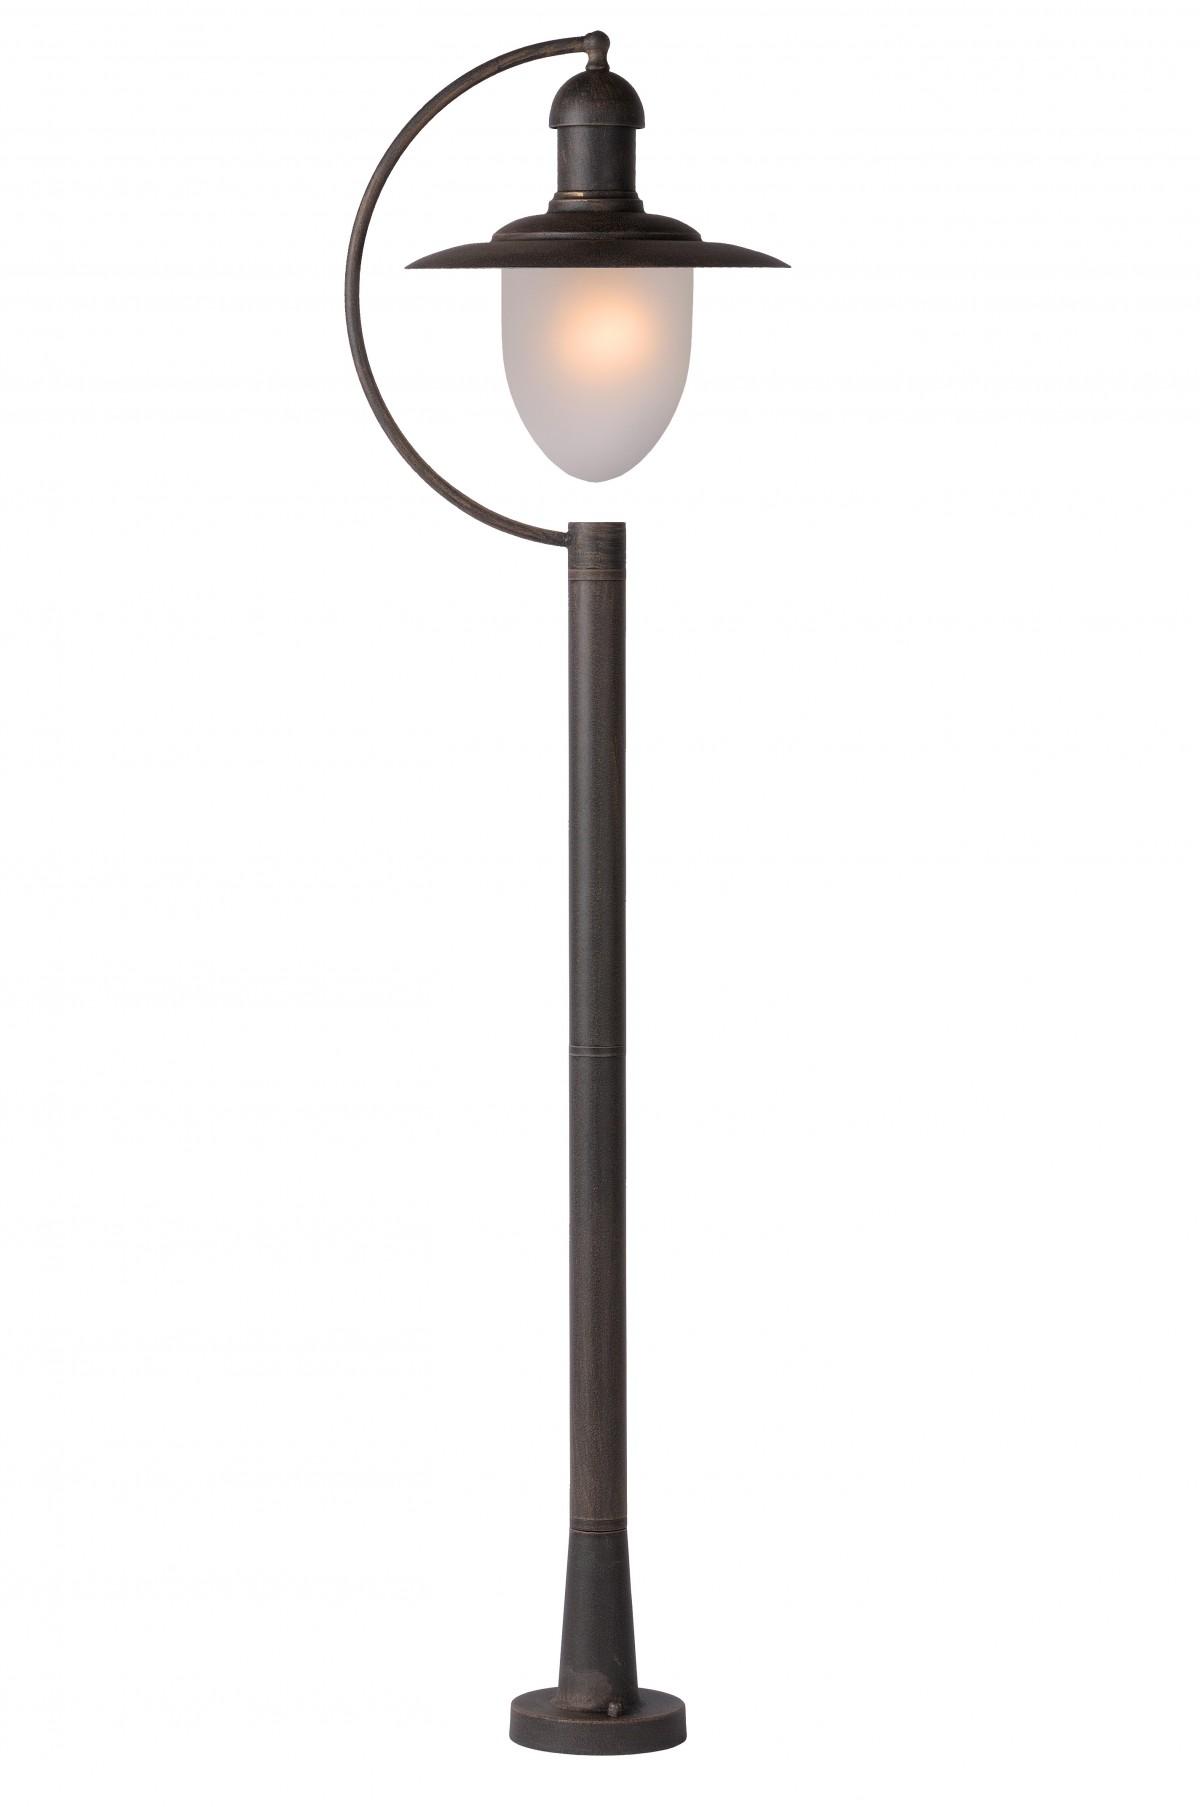 venkovní stojací lampa Lucide Aruba 11873/01/97 1x24W E27 - komplexní venkovní osvětlení